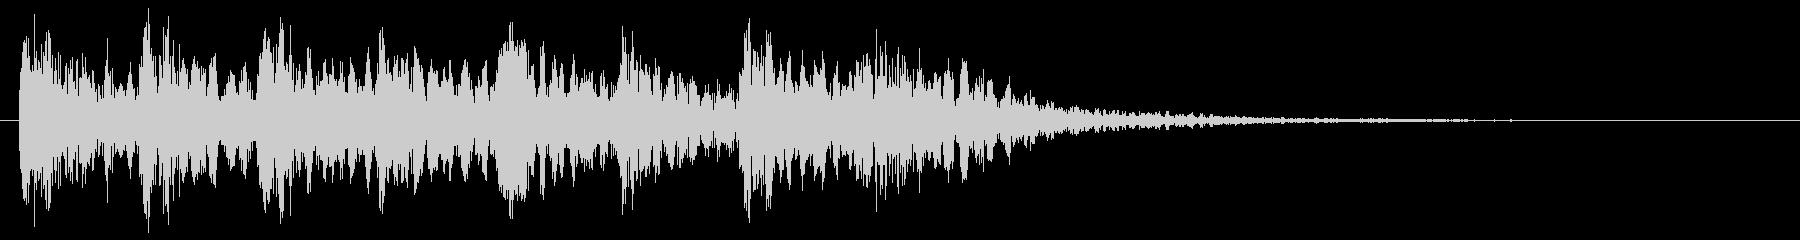 ミステリアスな音 不思議 怪しい 不安の未再生の波形